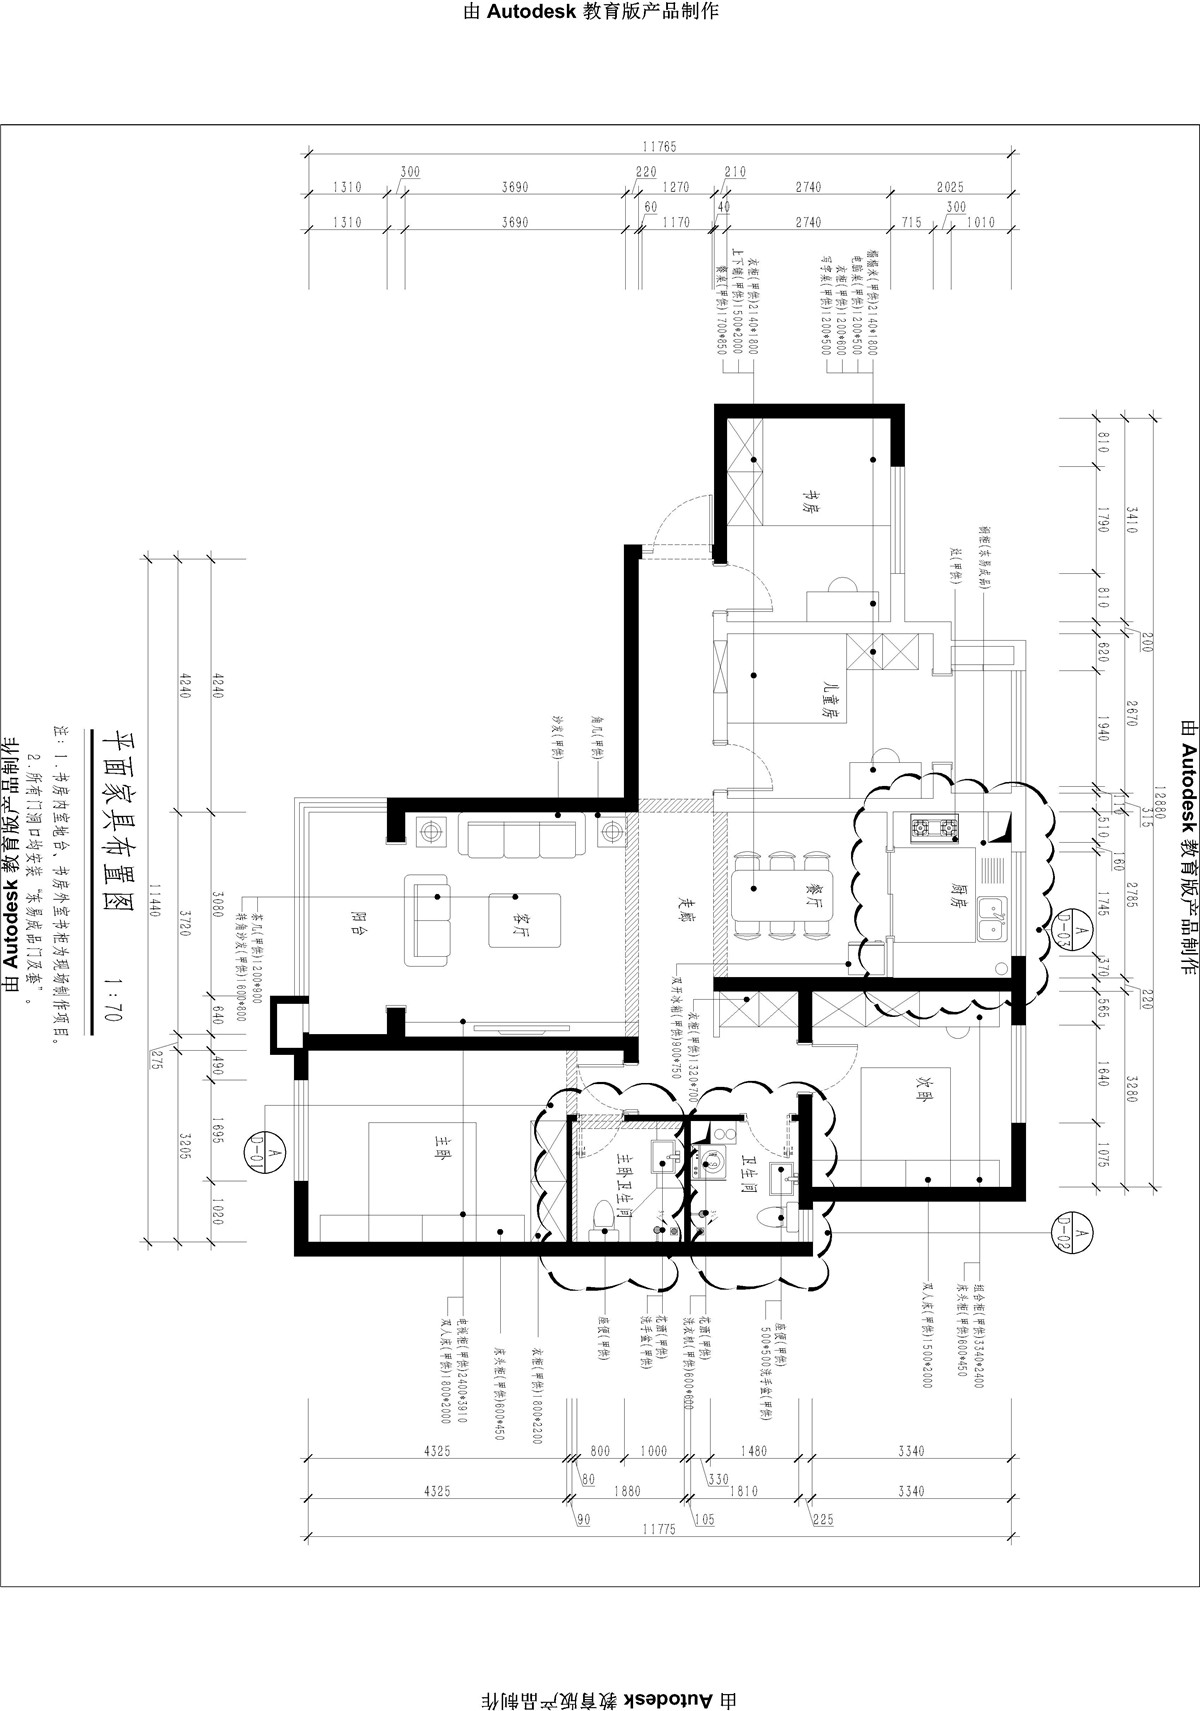 铂悦山-简约-126平米装修设计理念